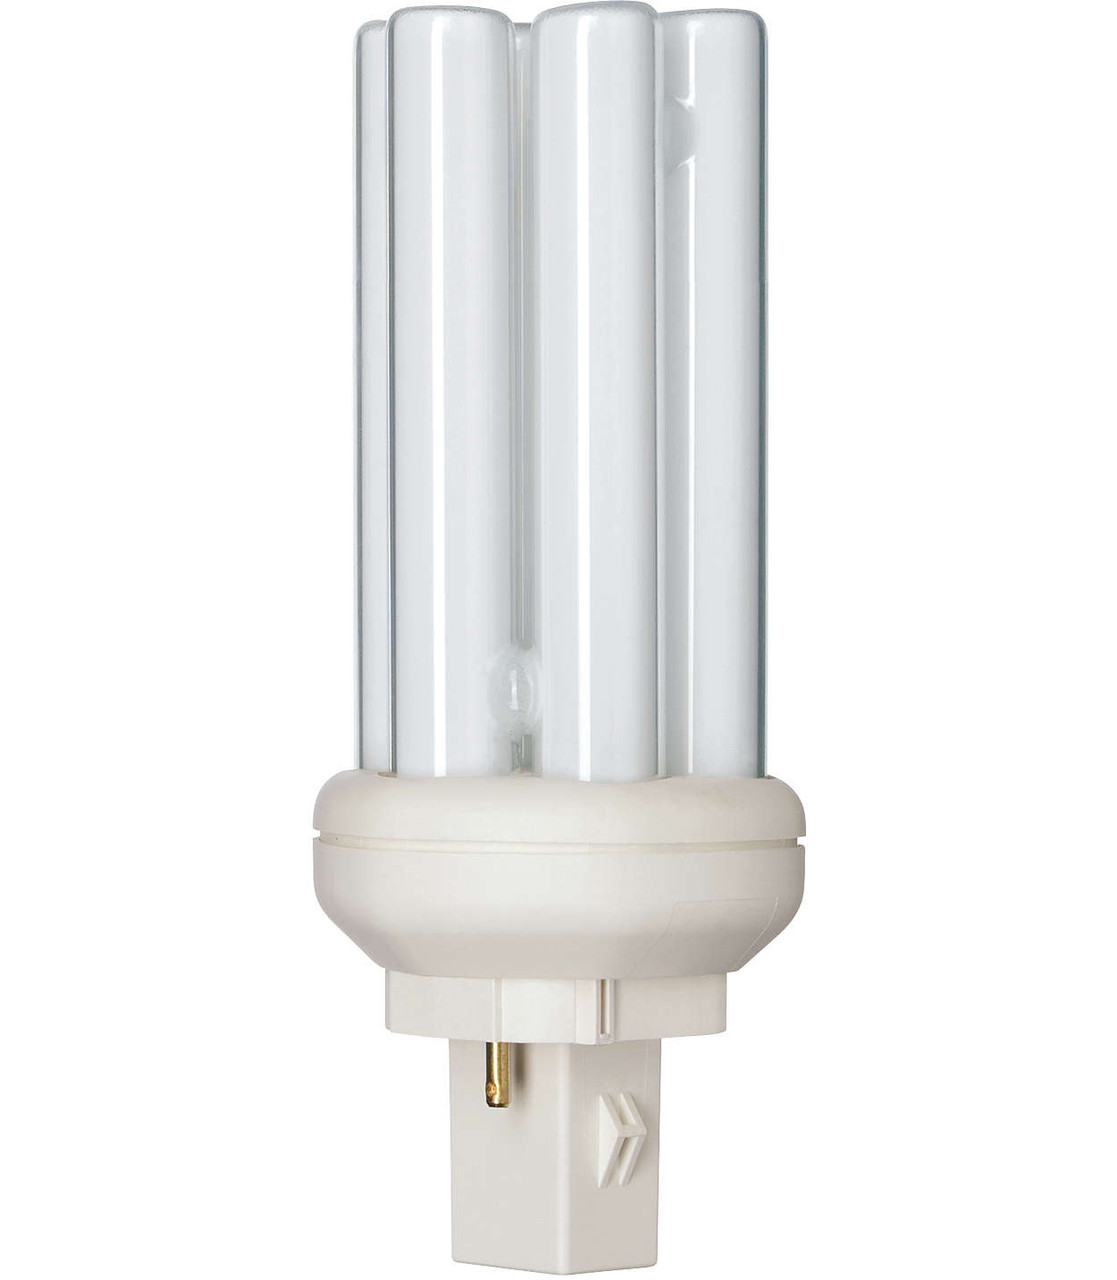 Лампа SYLVANIA Lynx-T 26W/830 GX24d-3 2P (Венгрия)